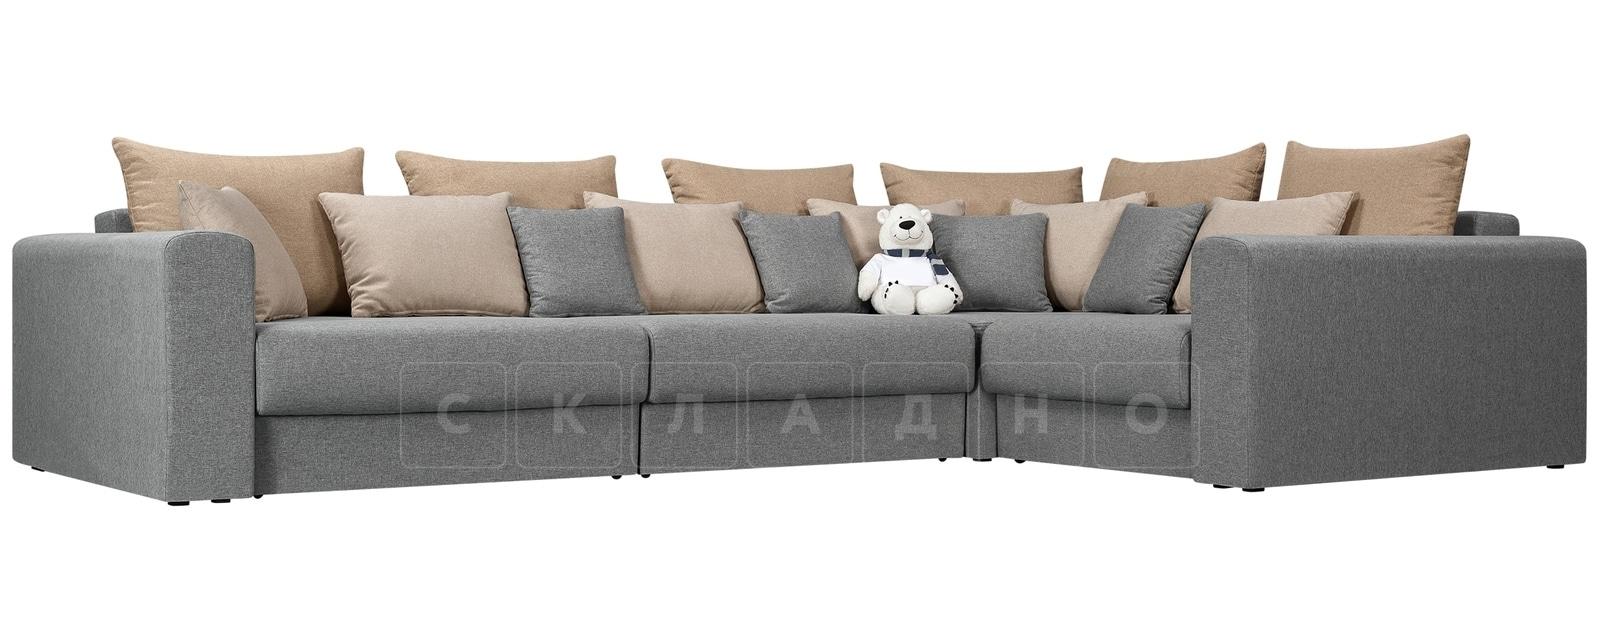 Угловой диван Медисон серый 345х224 см фото 1 | интернет-магазин Складно